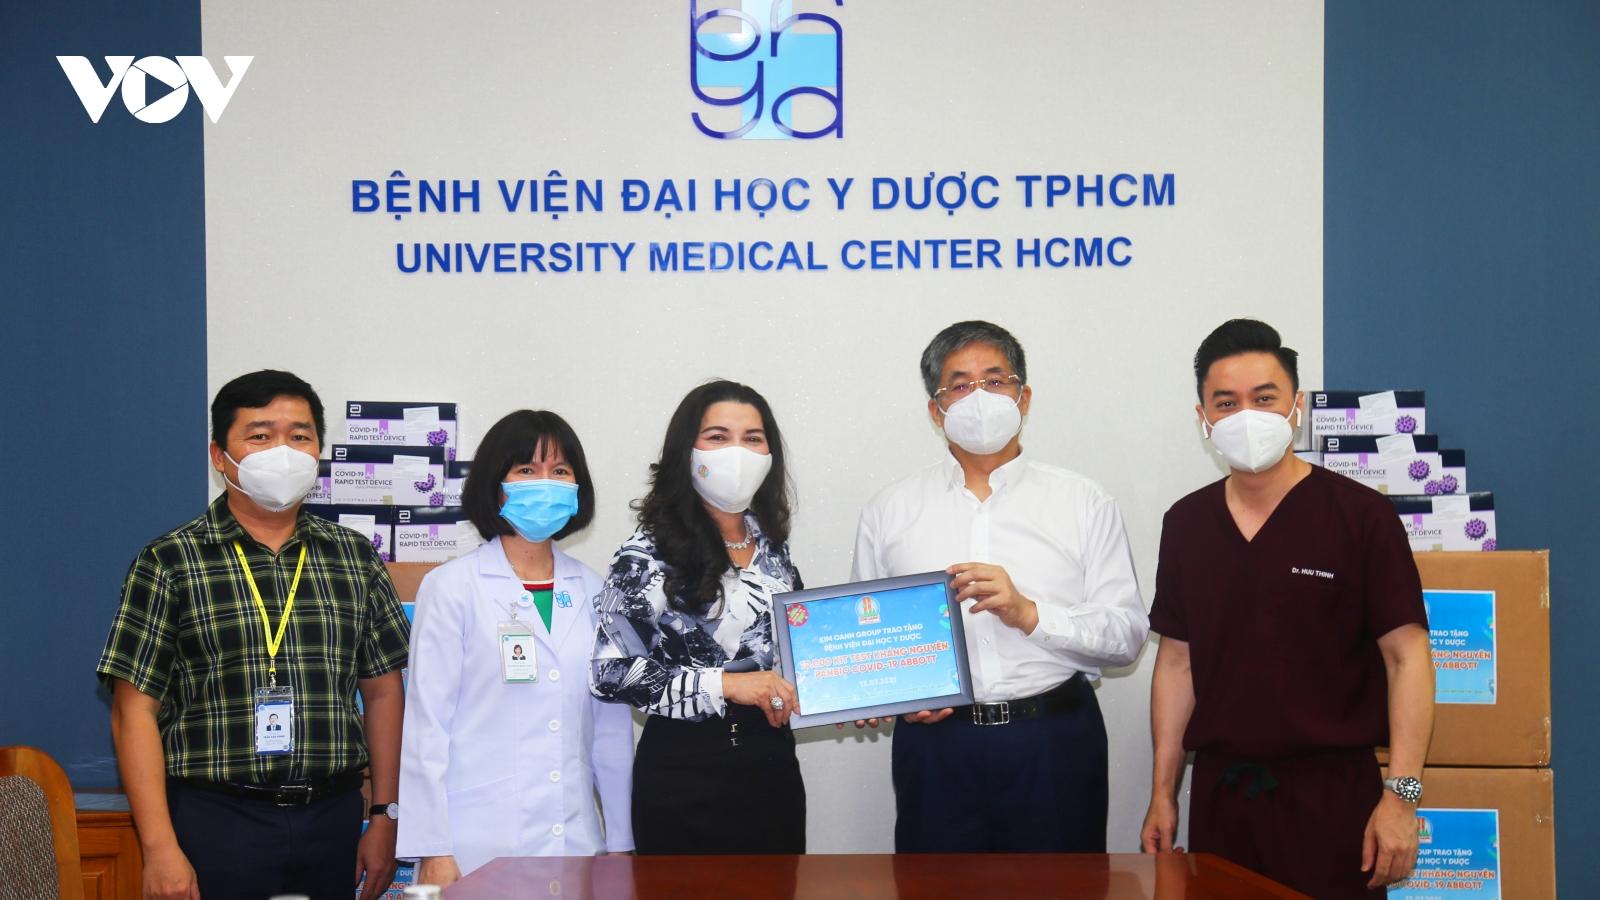 Kim Oanh Group trao 10.000 bộ kit test nhanh Covid-19 cho Bệnh viện Đại học Y dược TP.HCM